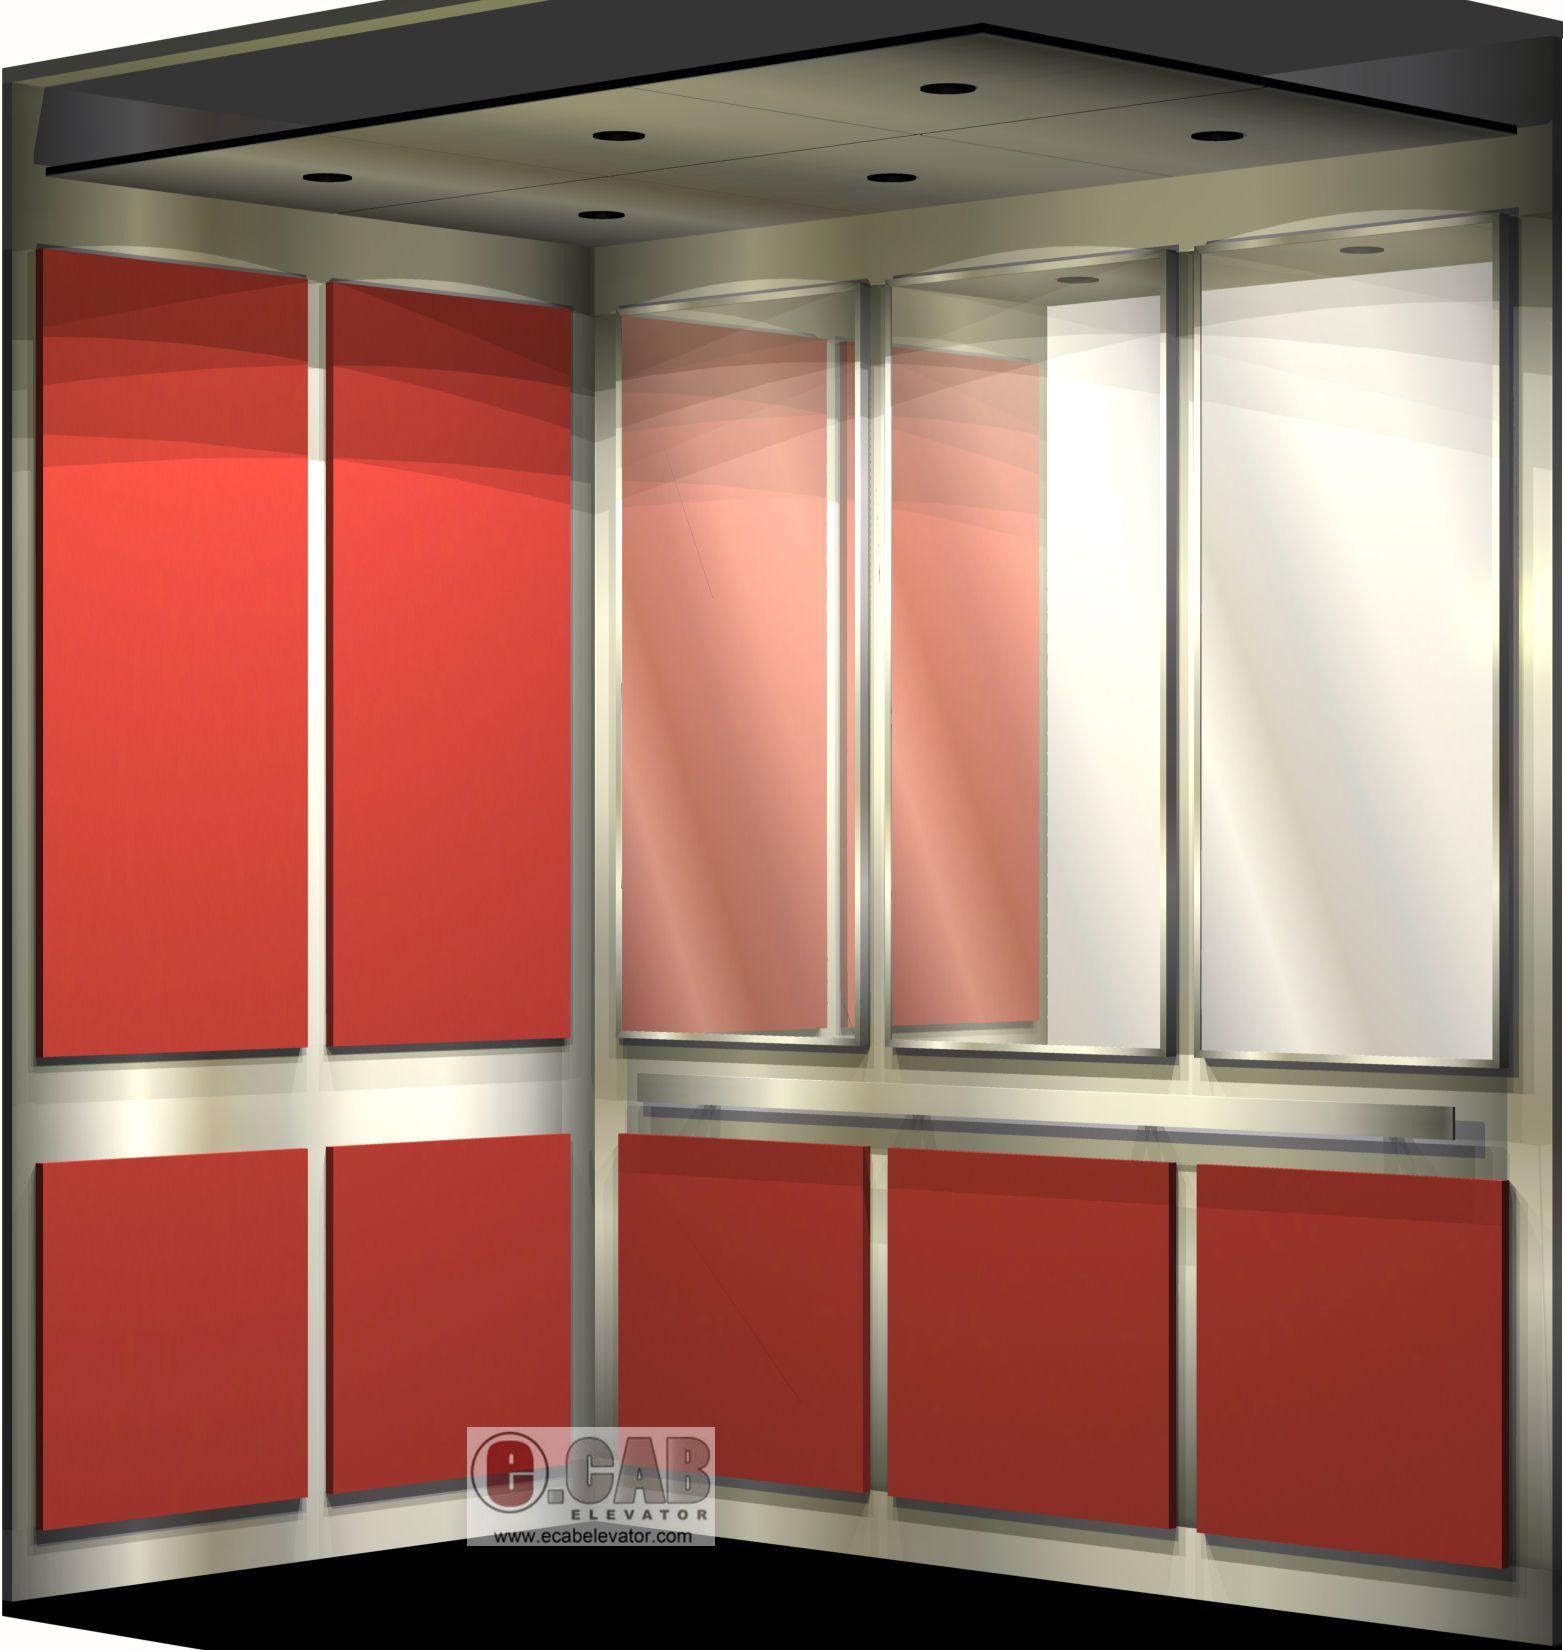 e.cab elevator - interior design rendering - 4500# capacity